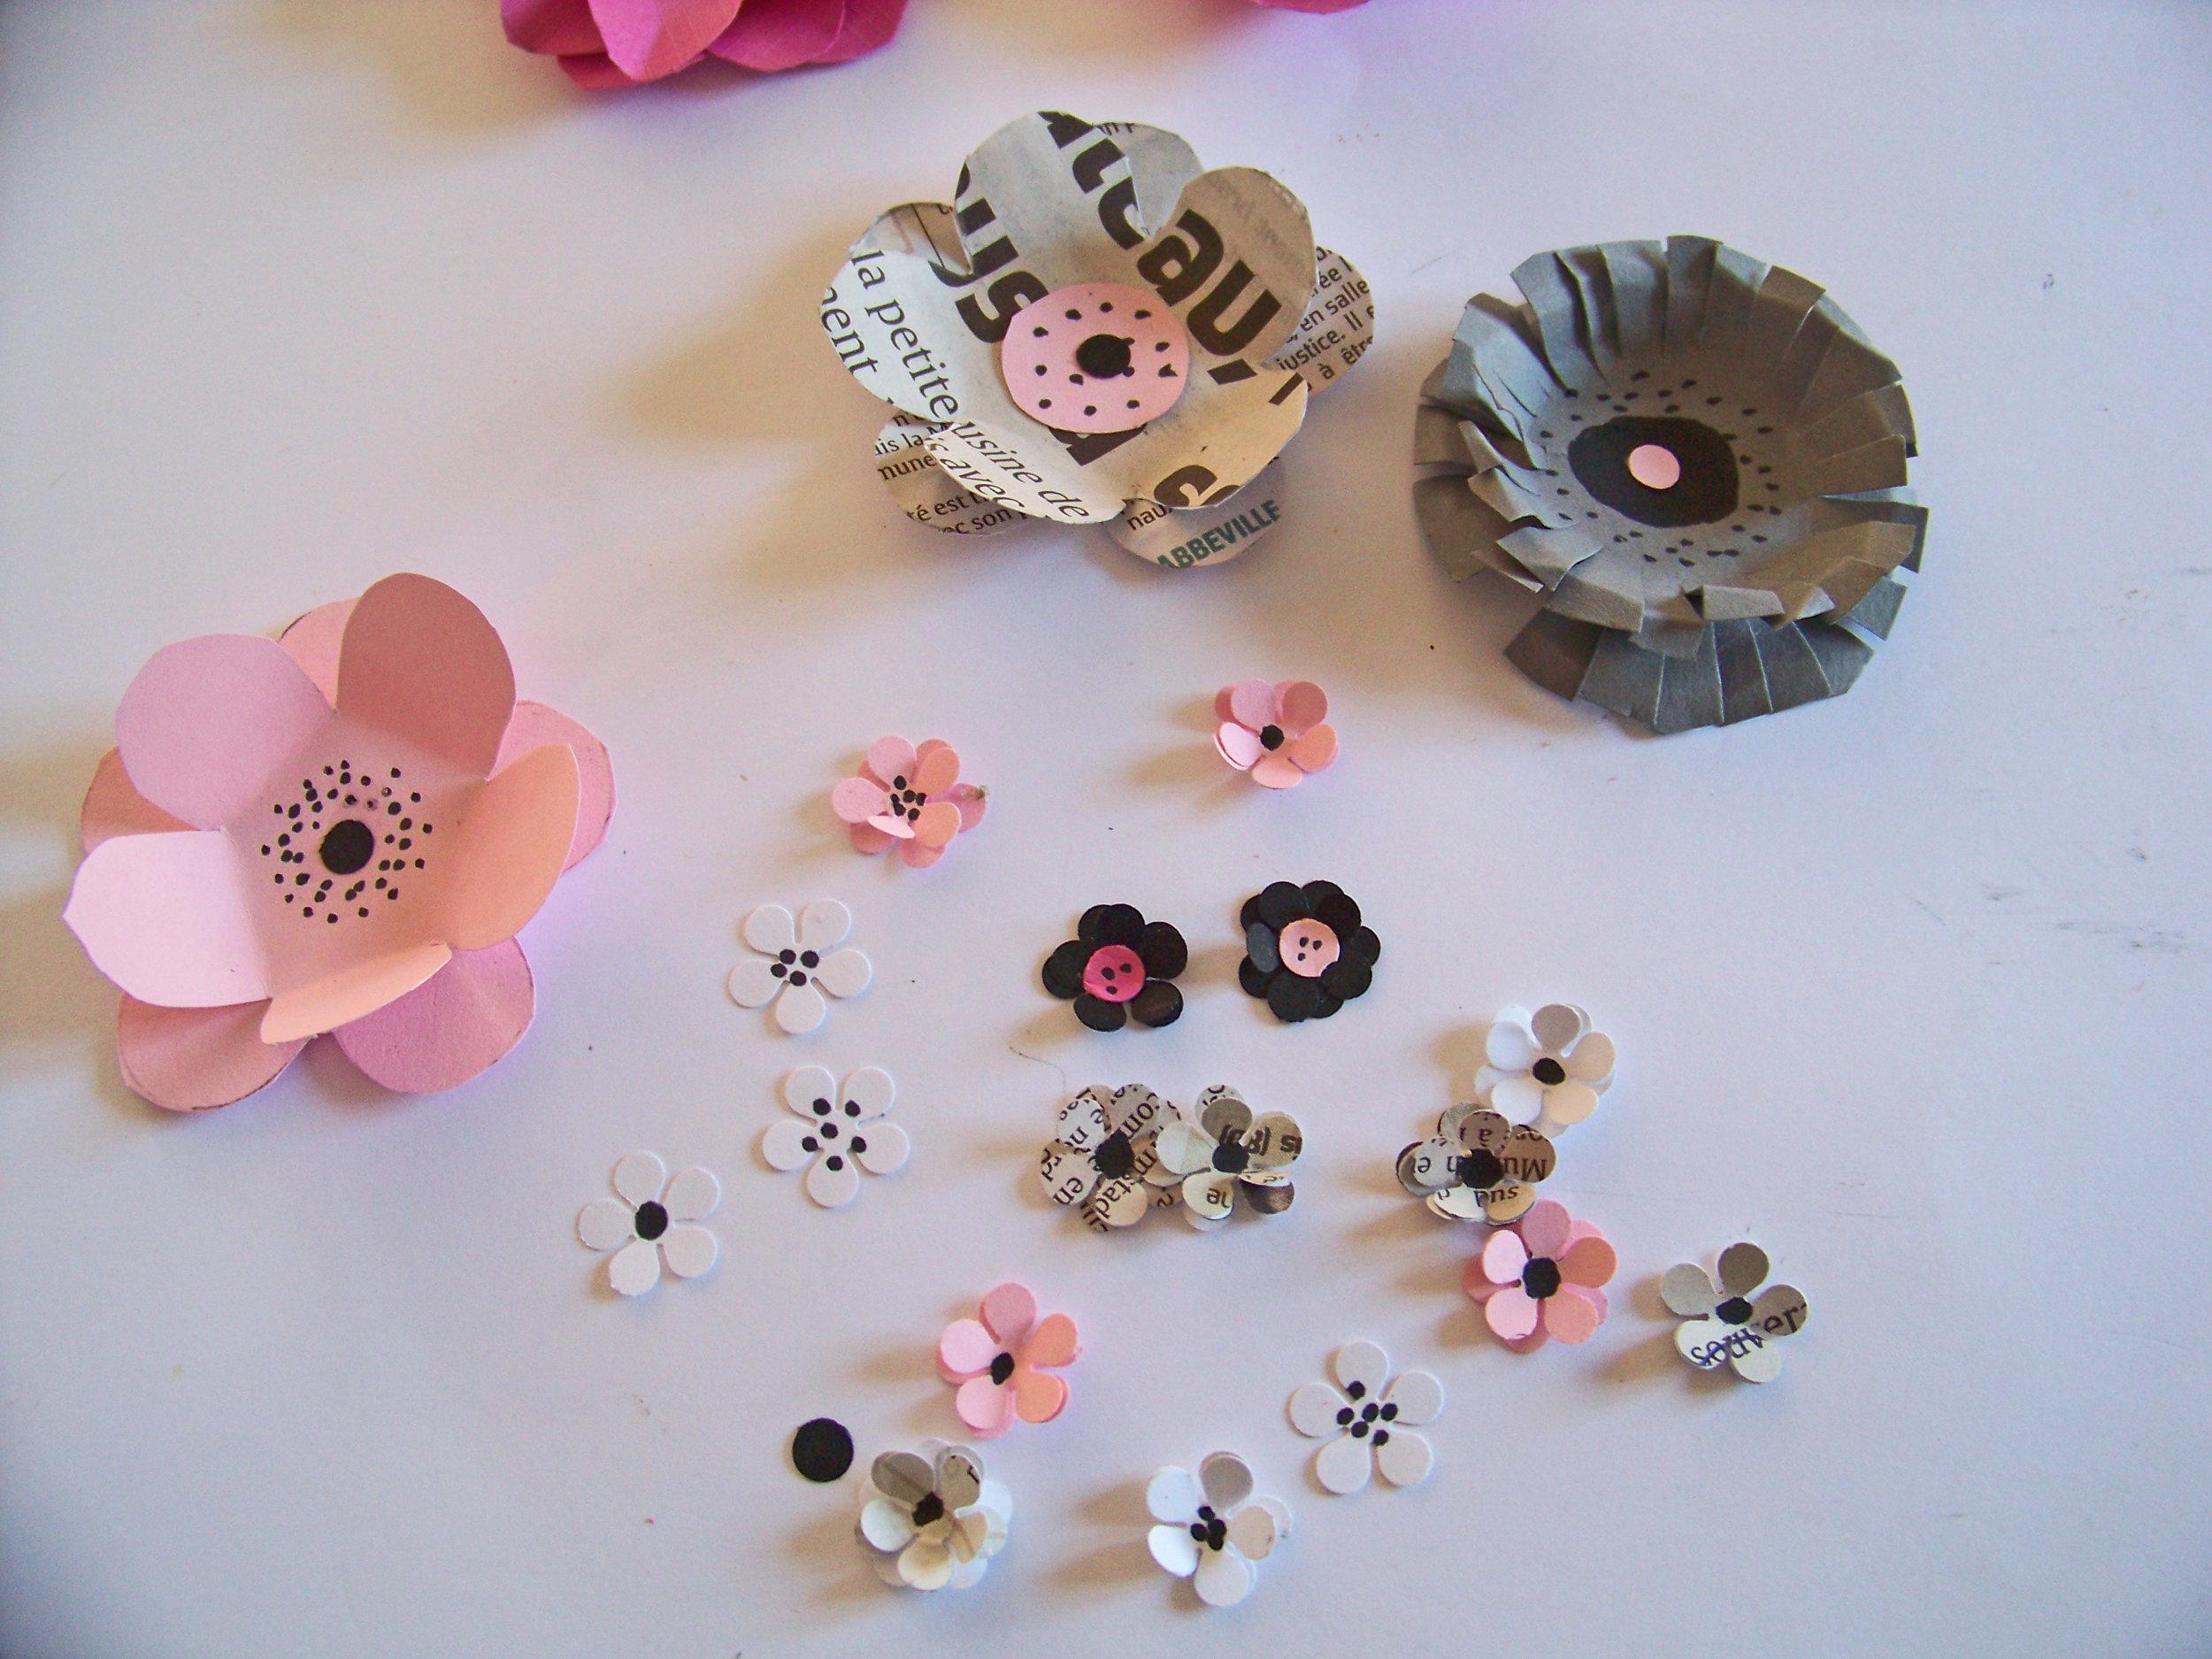 tutoriel diy les fleurs en papier s encadrent. Black Bedroom Furniture Sets. Home Design Ideas